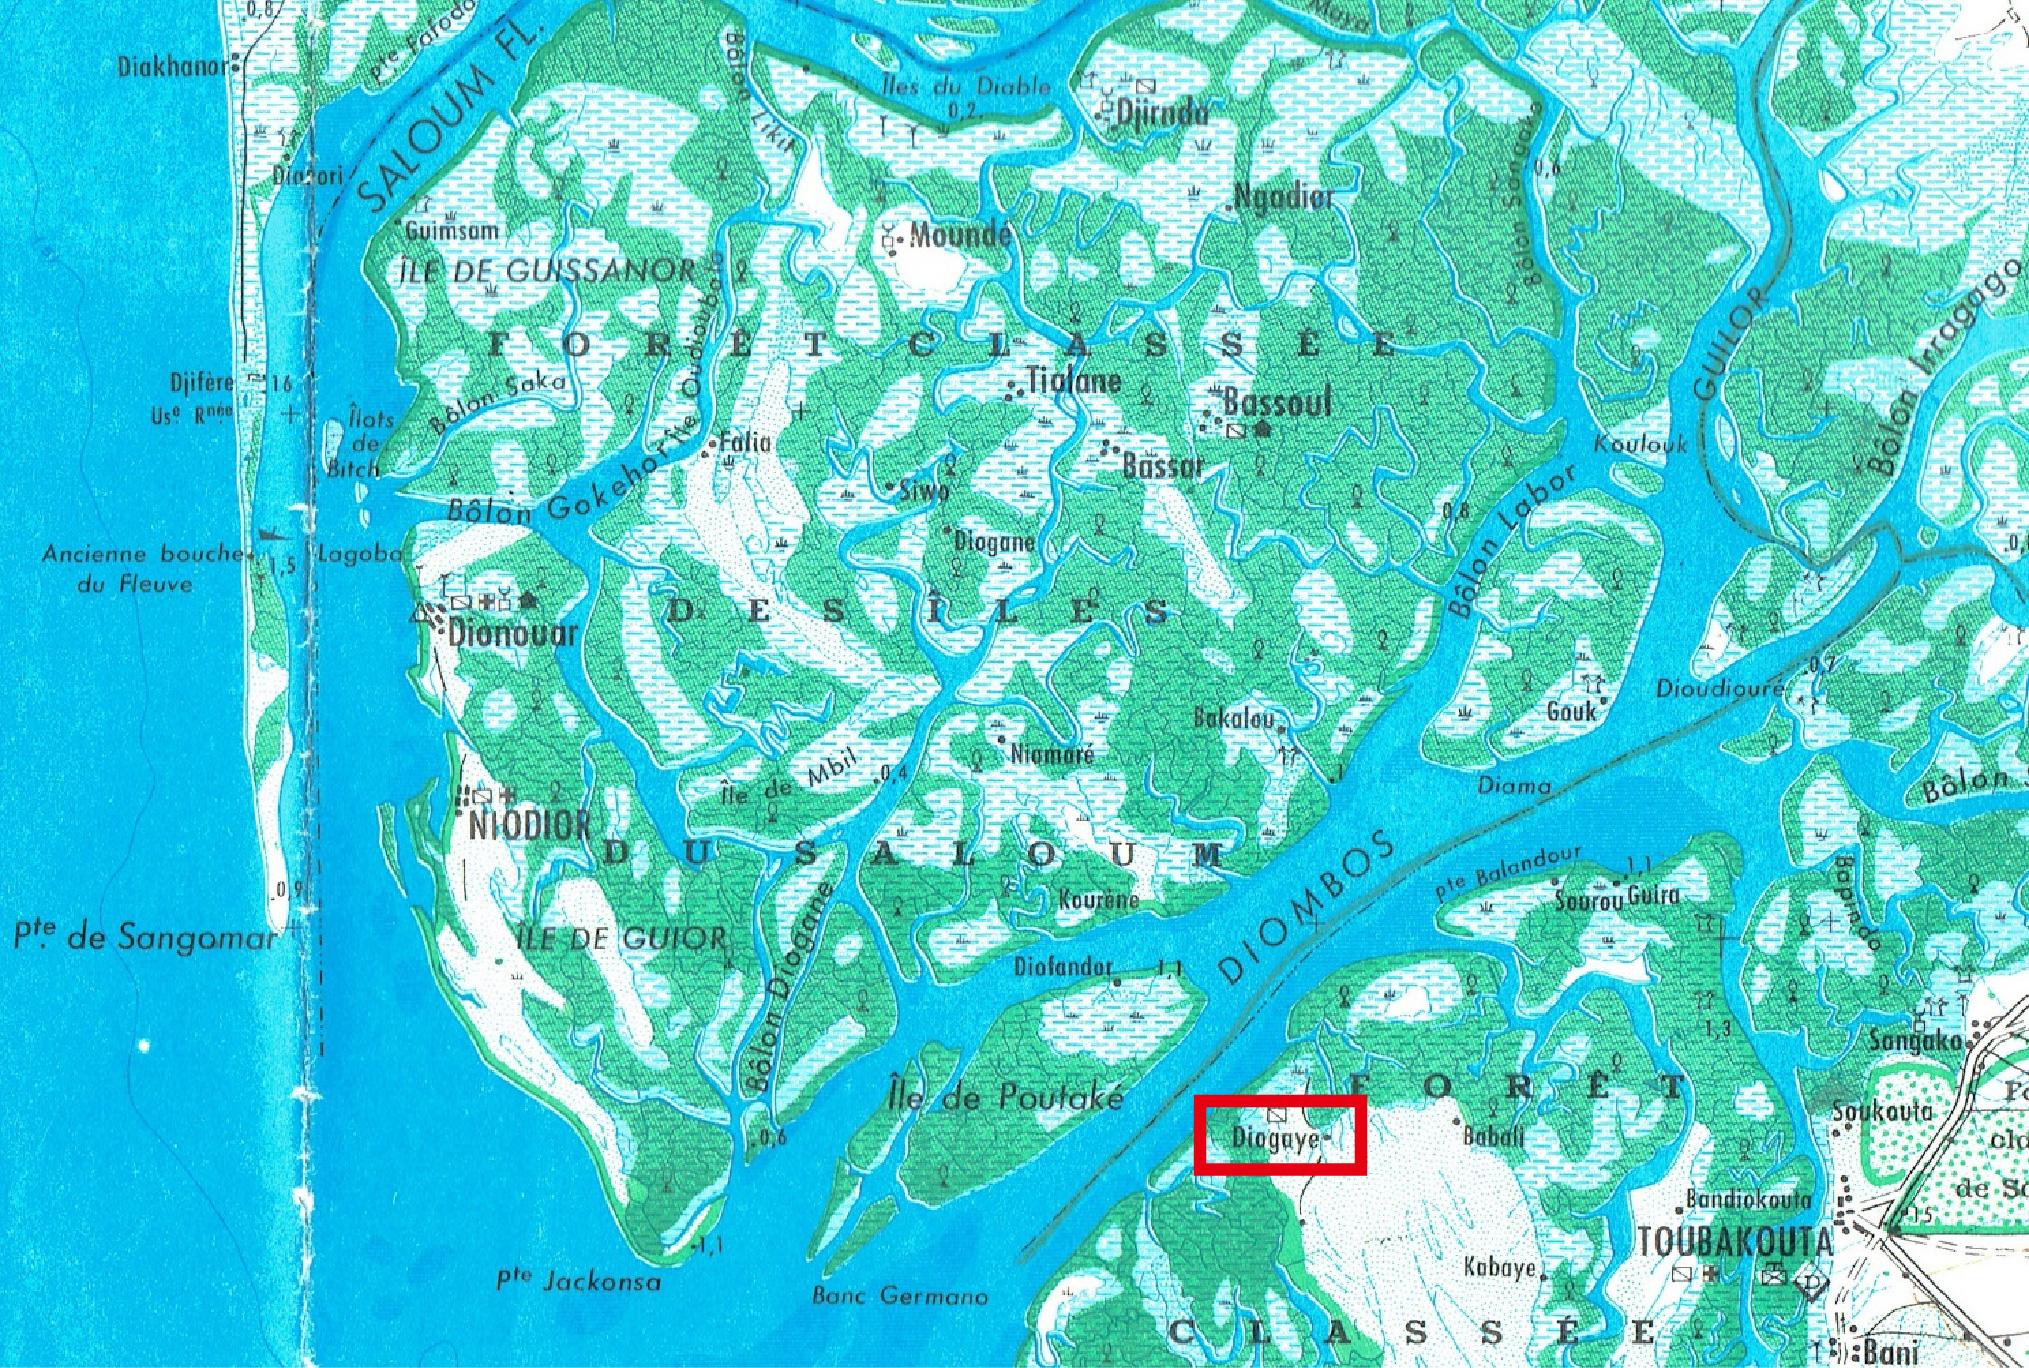 ジョウガイ村map.jpg